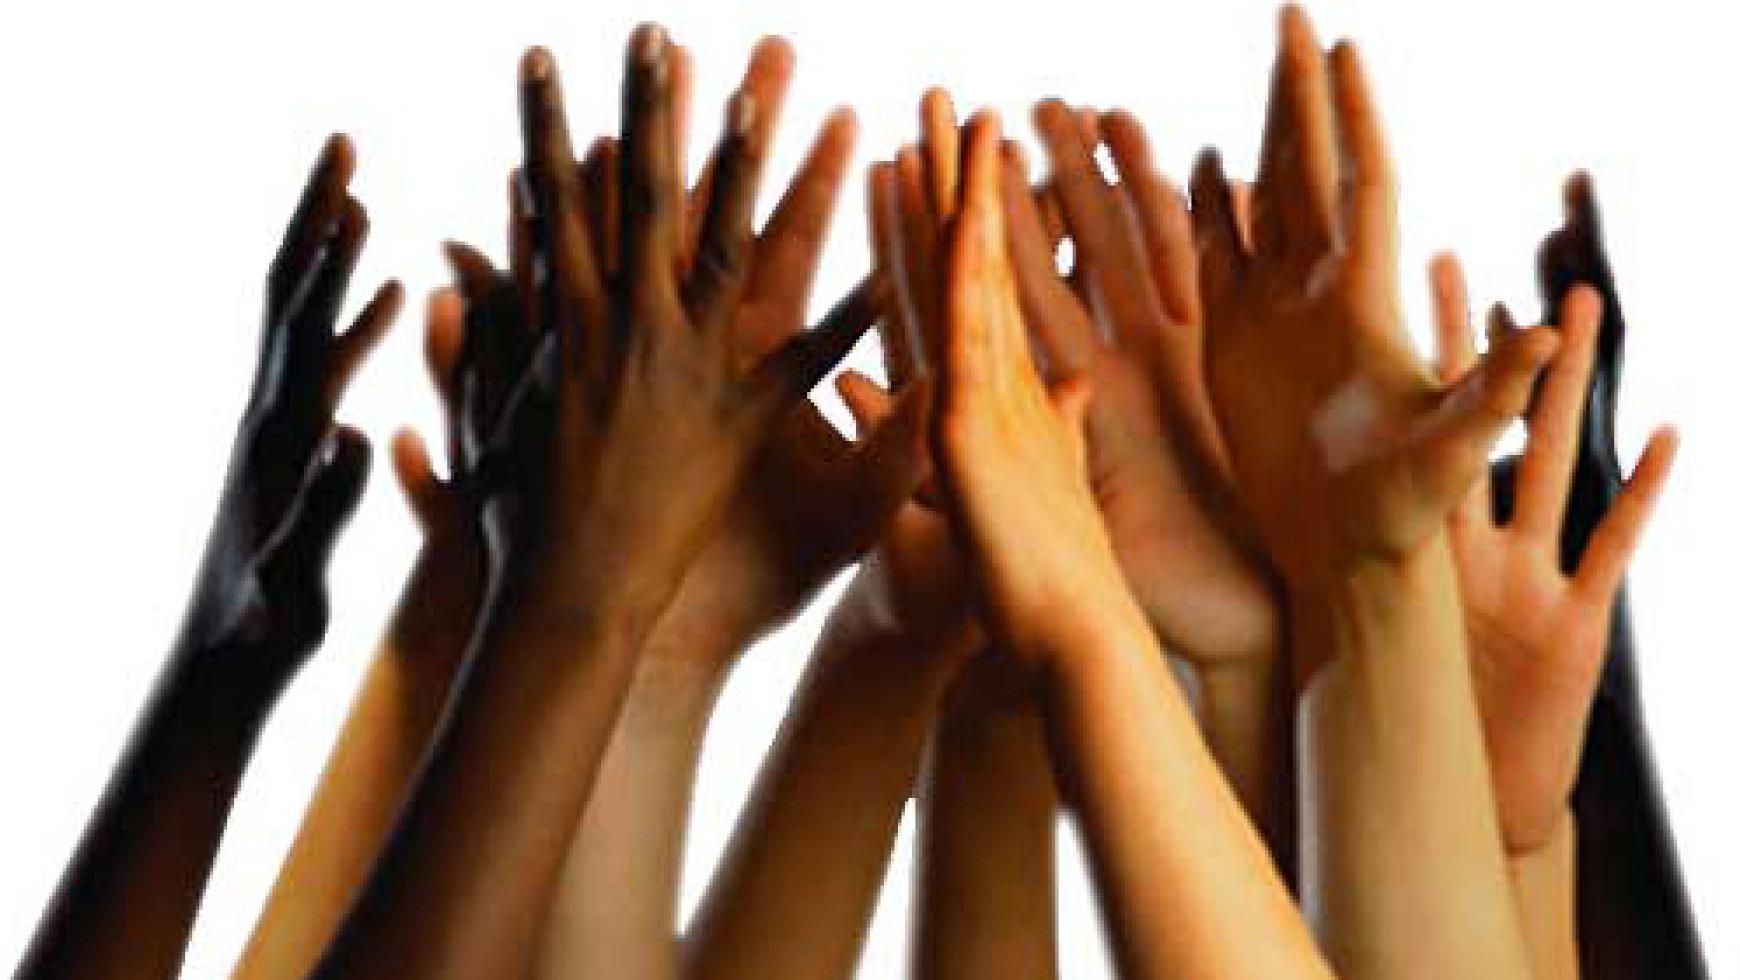 Predicacion: Unidos somos mas fuertes (13/05/2012)